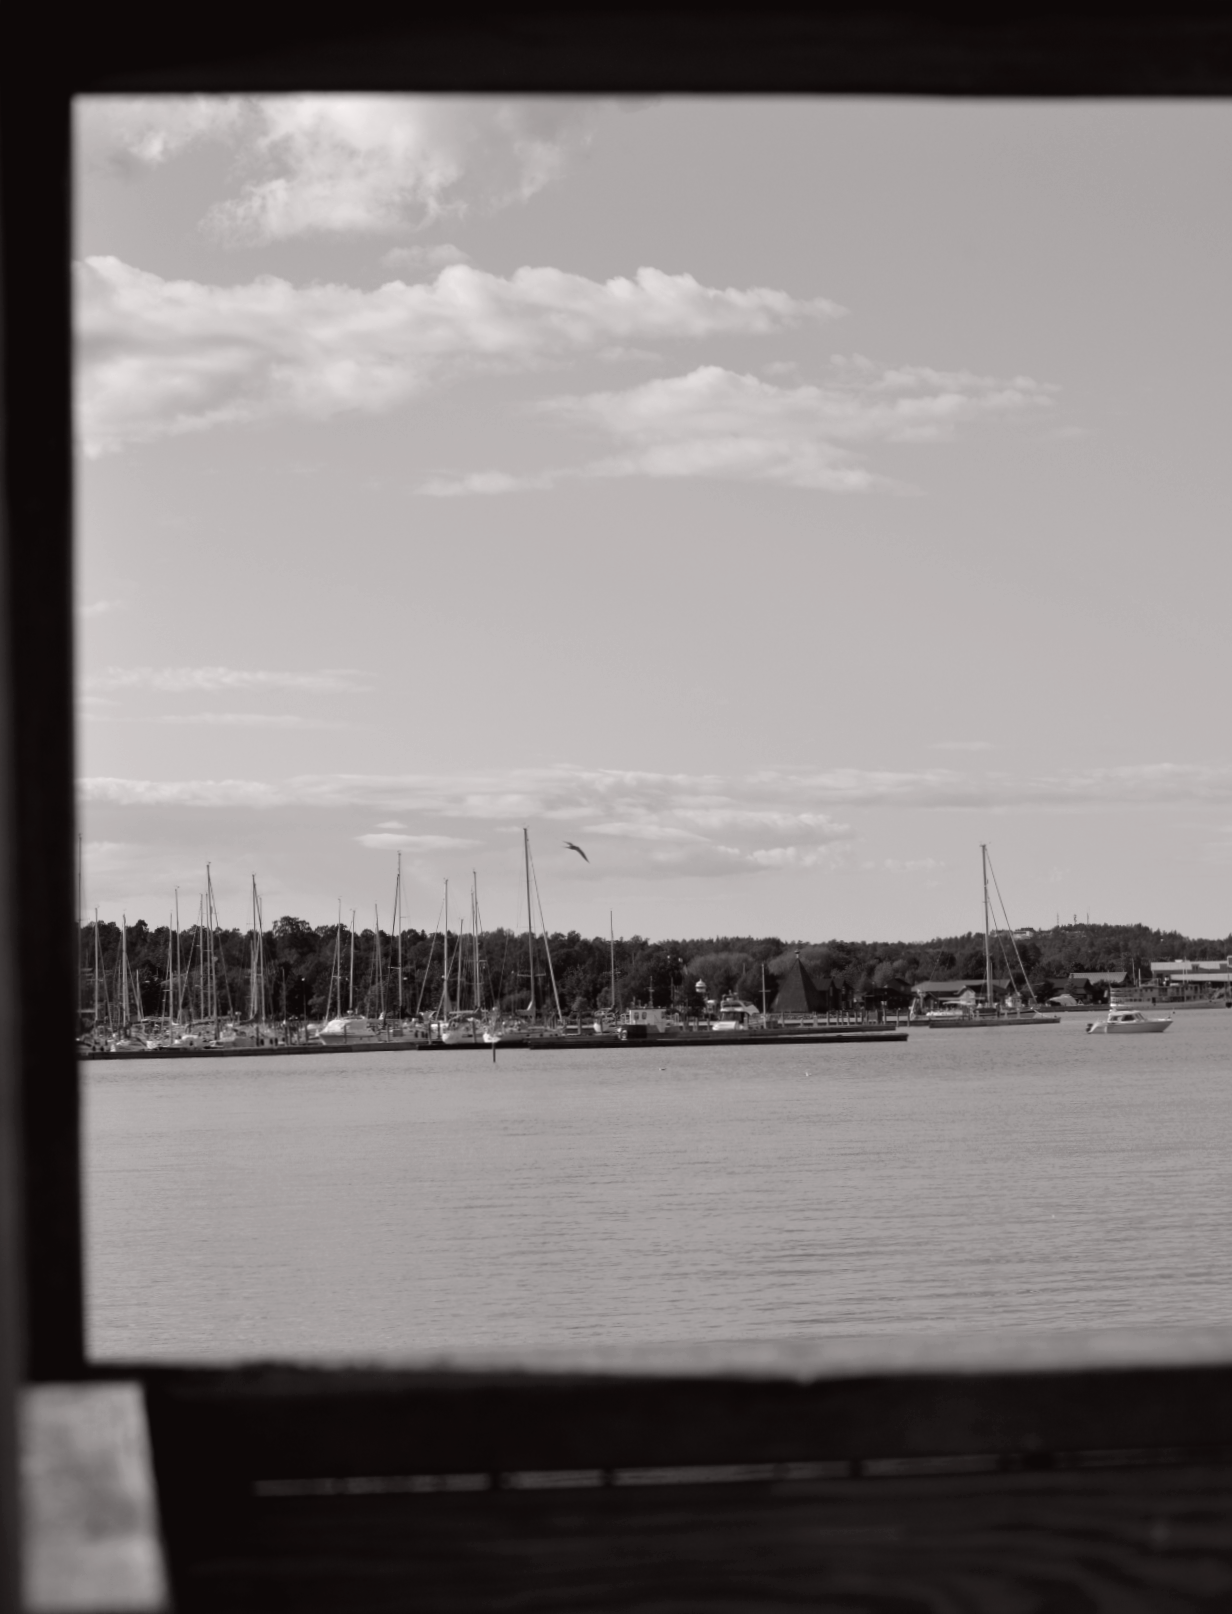 Svartvit sepiatonad bild på hav och båtar i Mariehamn, Åland.